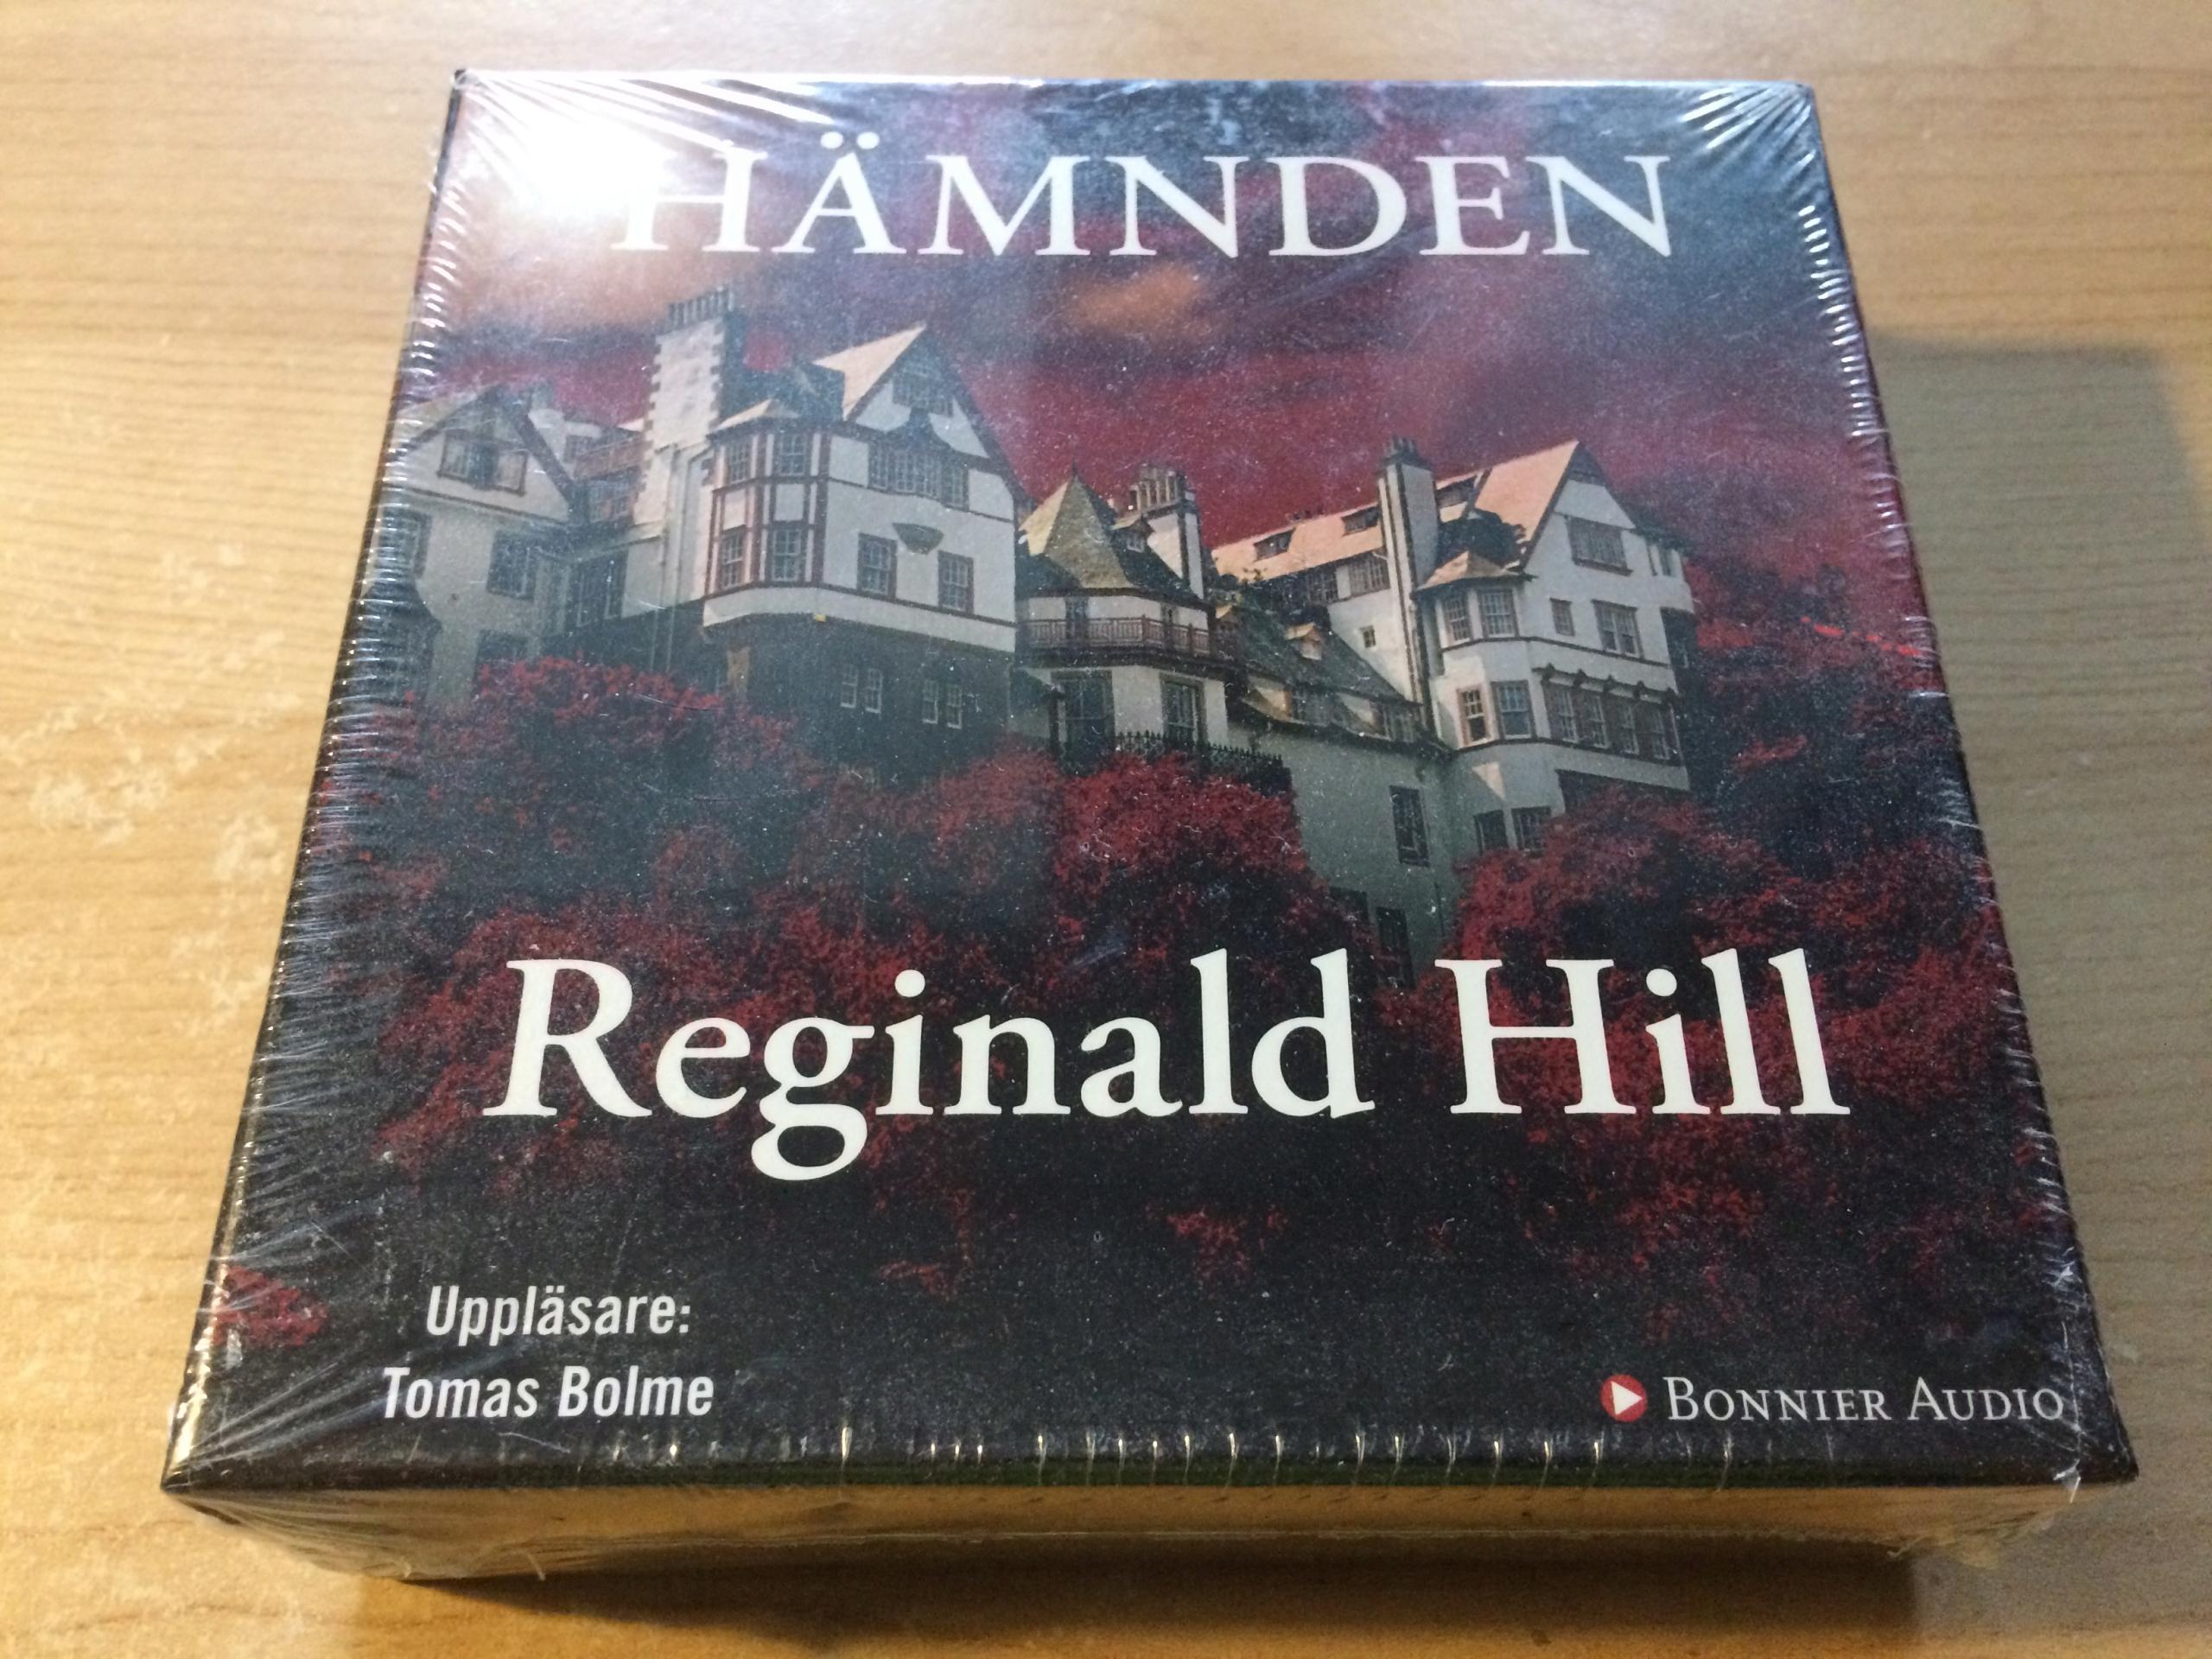 HAMNDEN REGINALD HILL 19CD